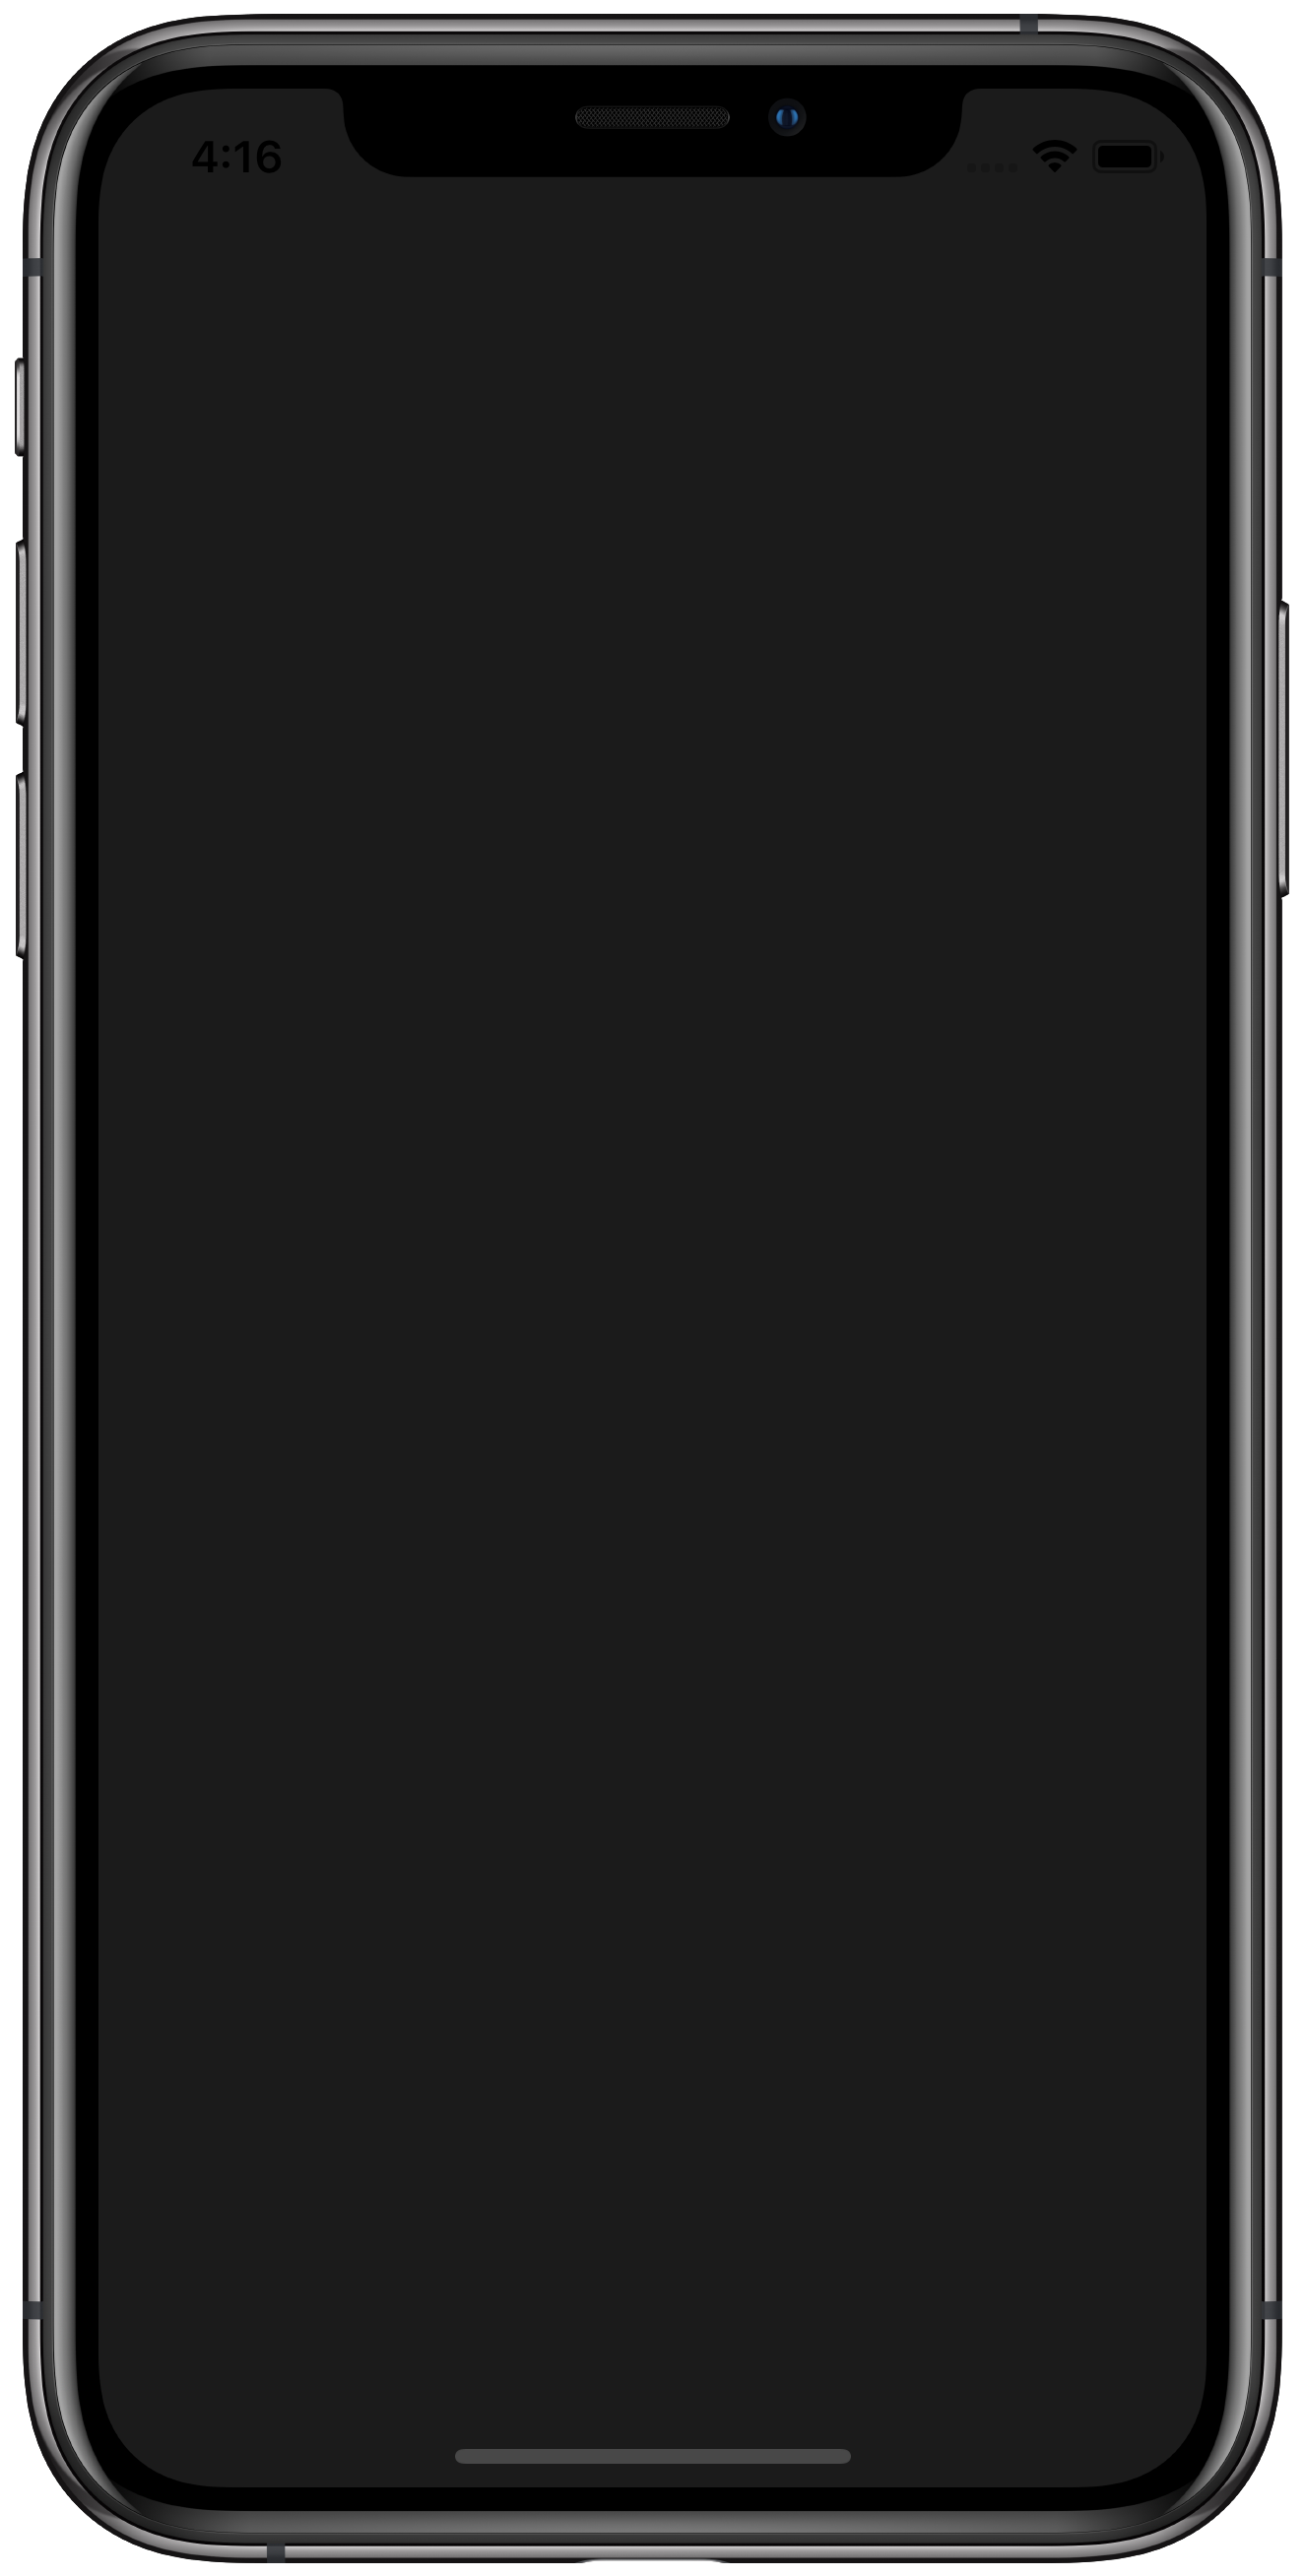 Dark iPhone app